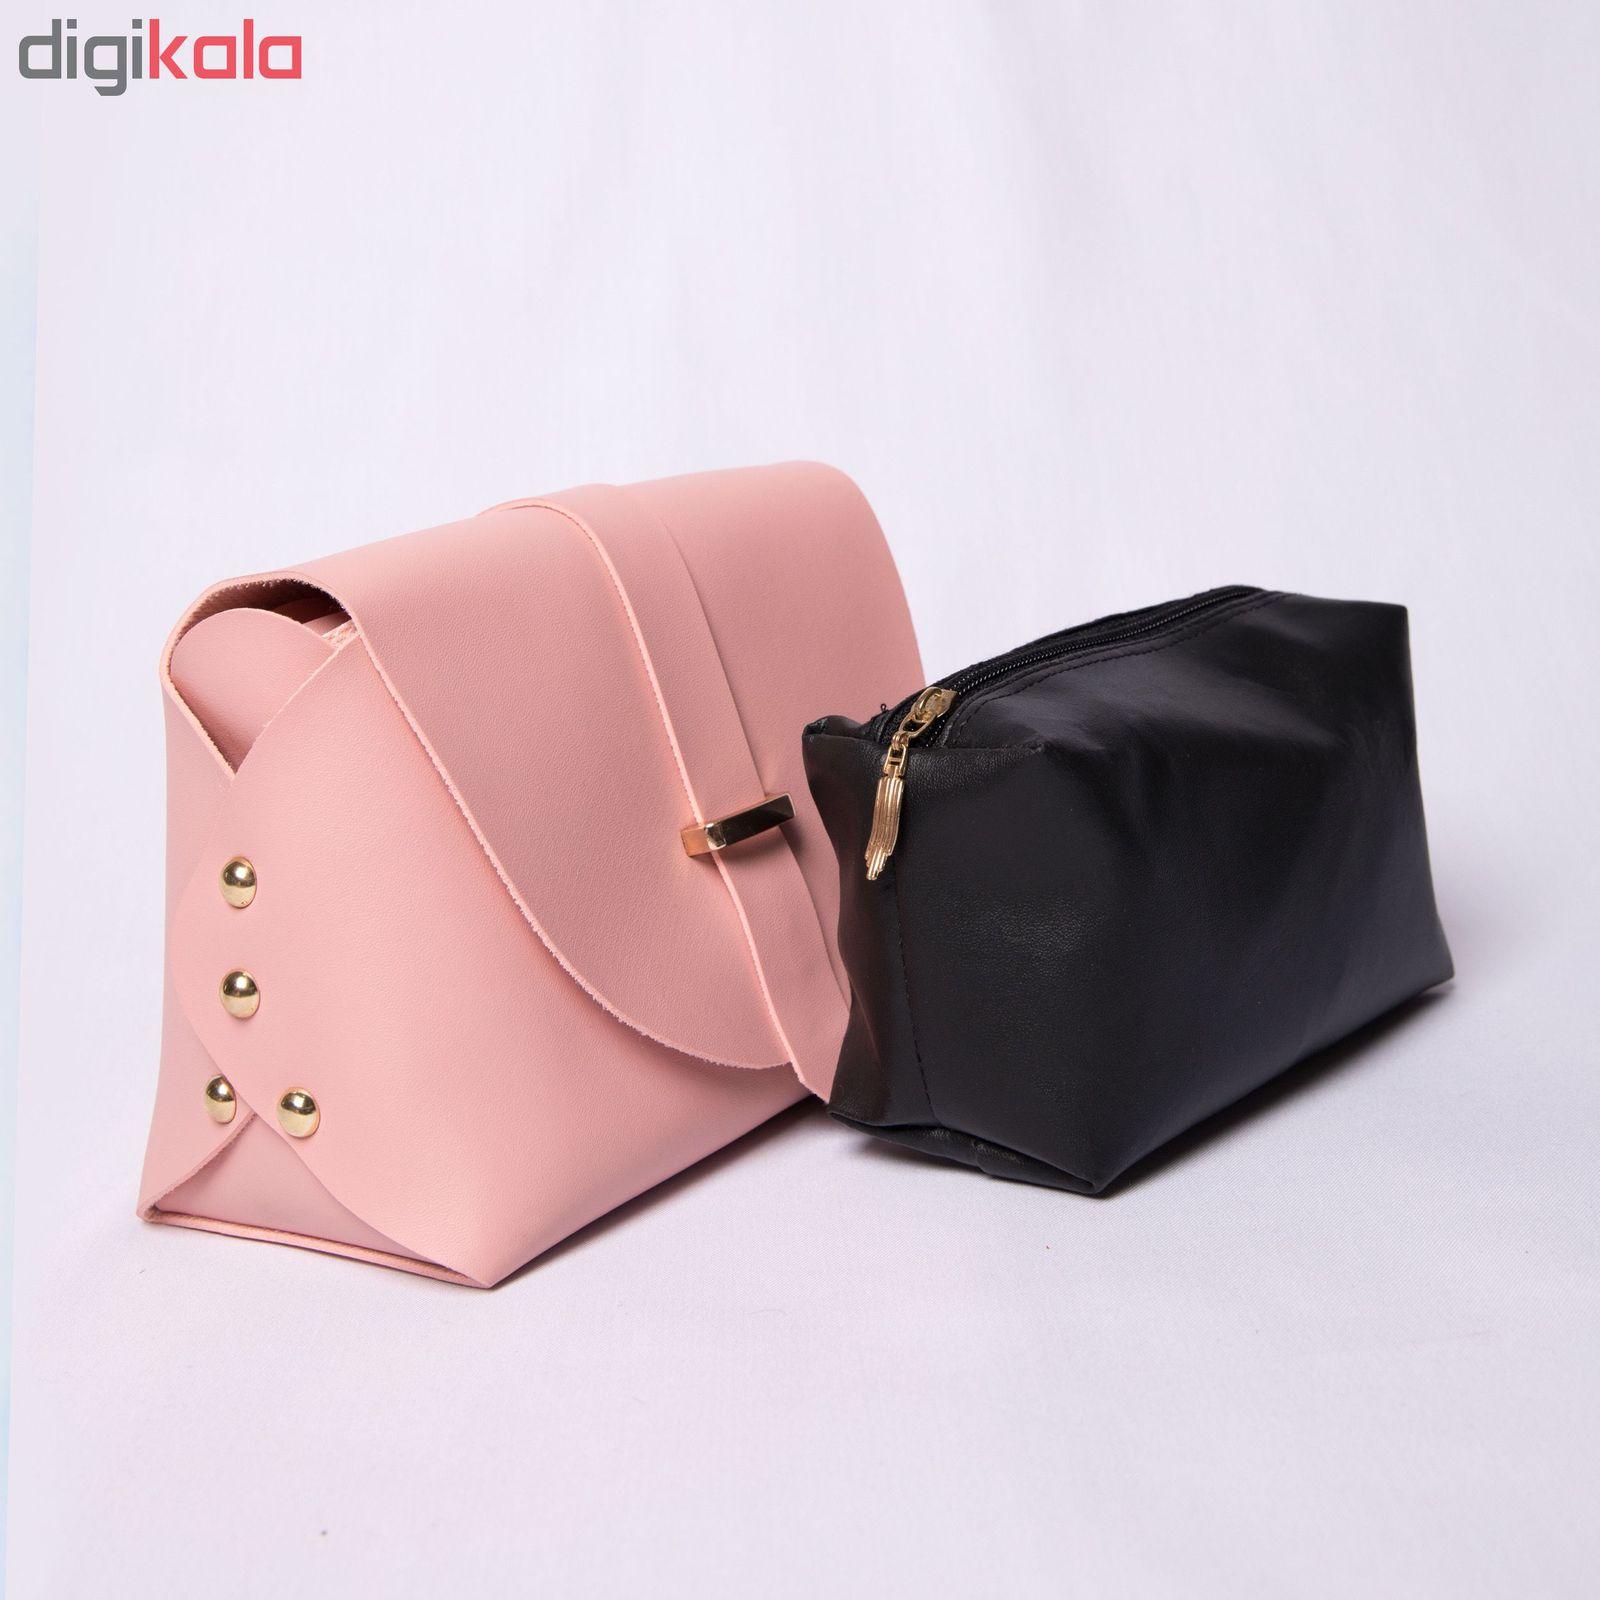 کیف دوشی زنانه مدل روشا -  - 6